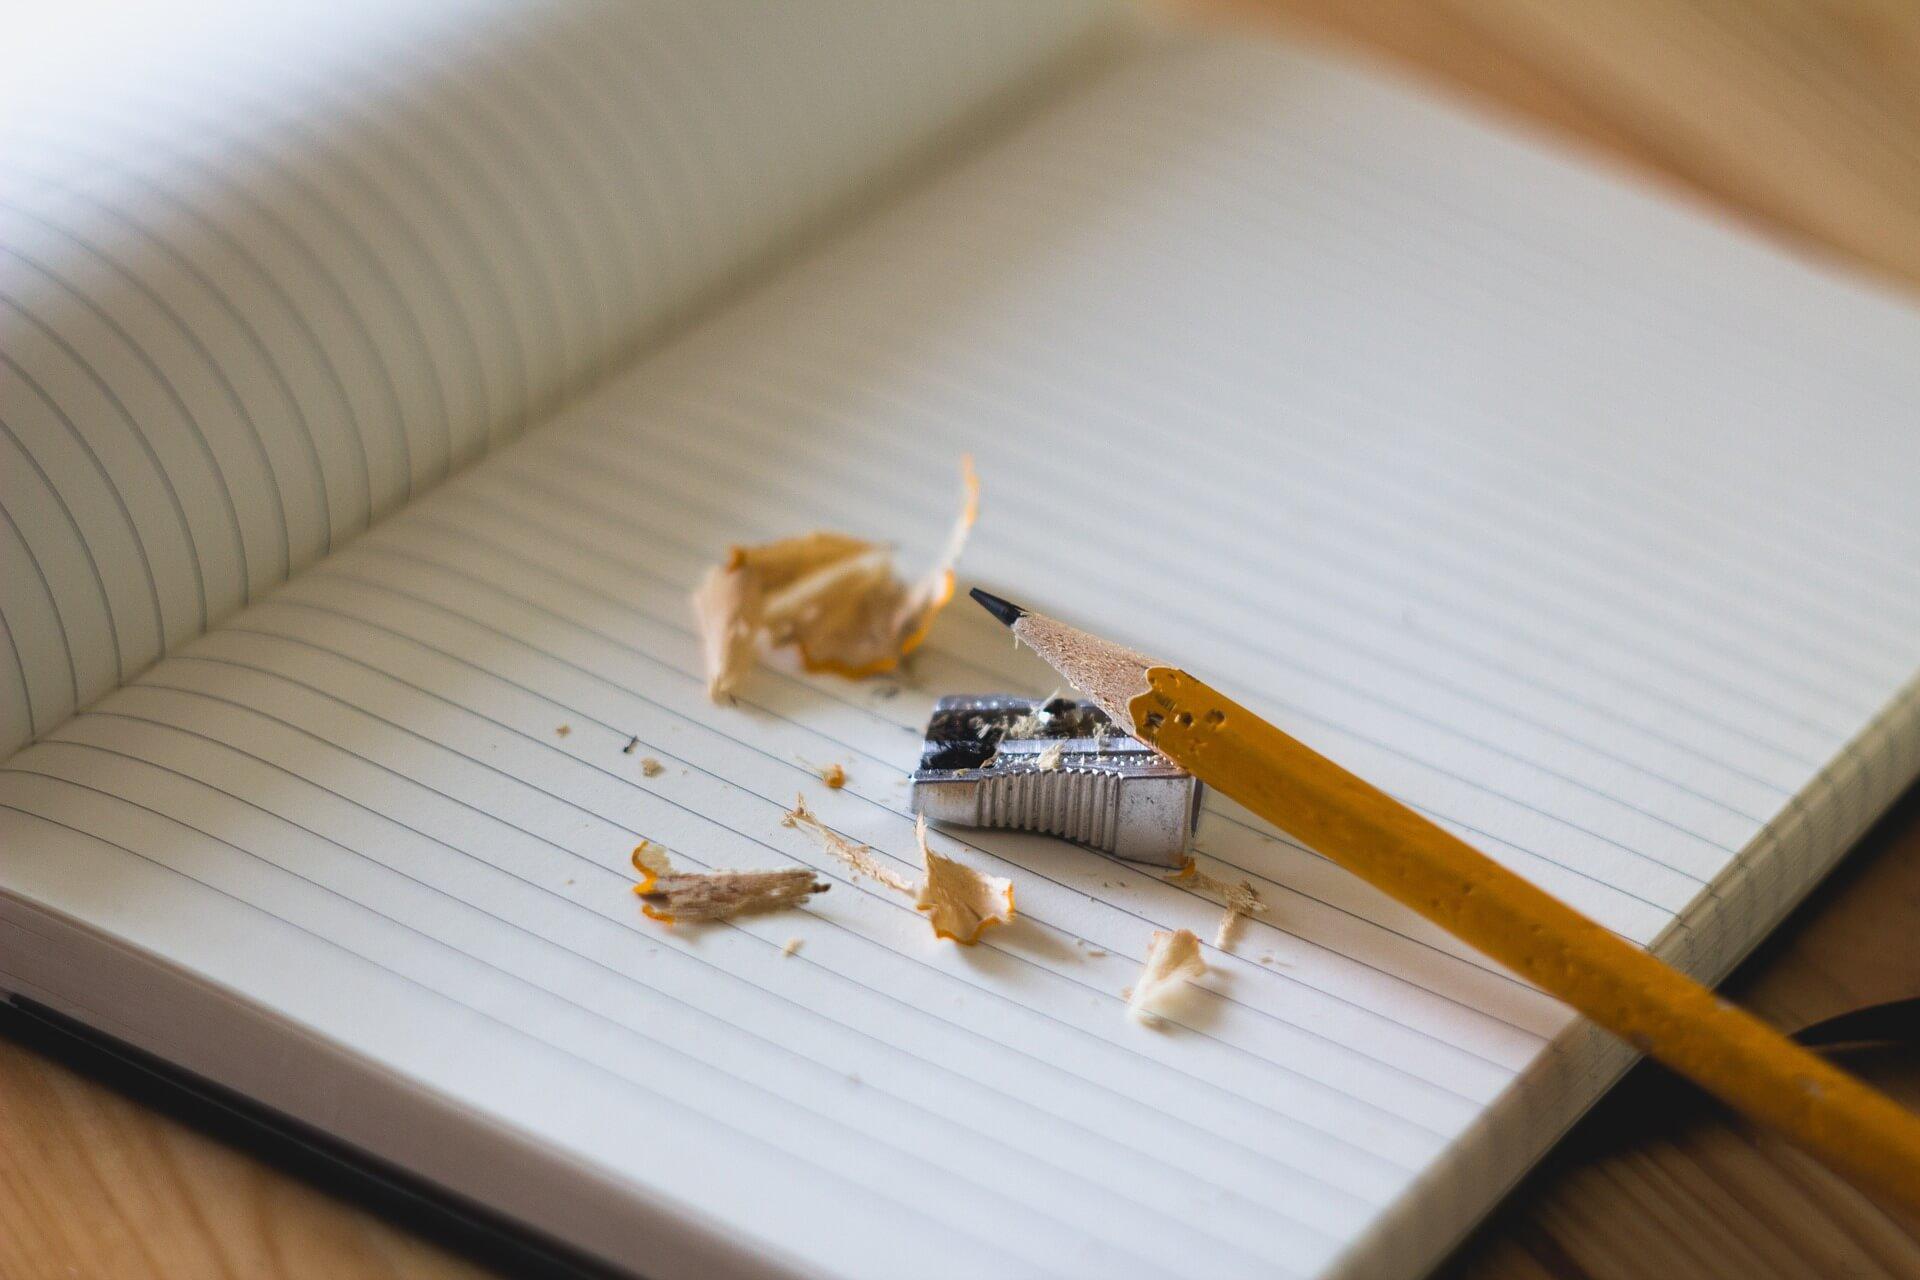 liste fourniture scolaire premiere